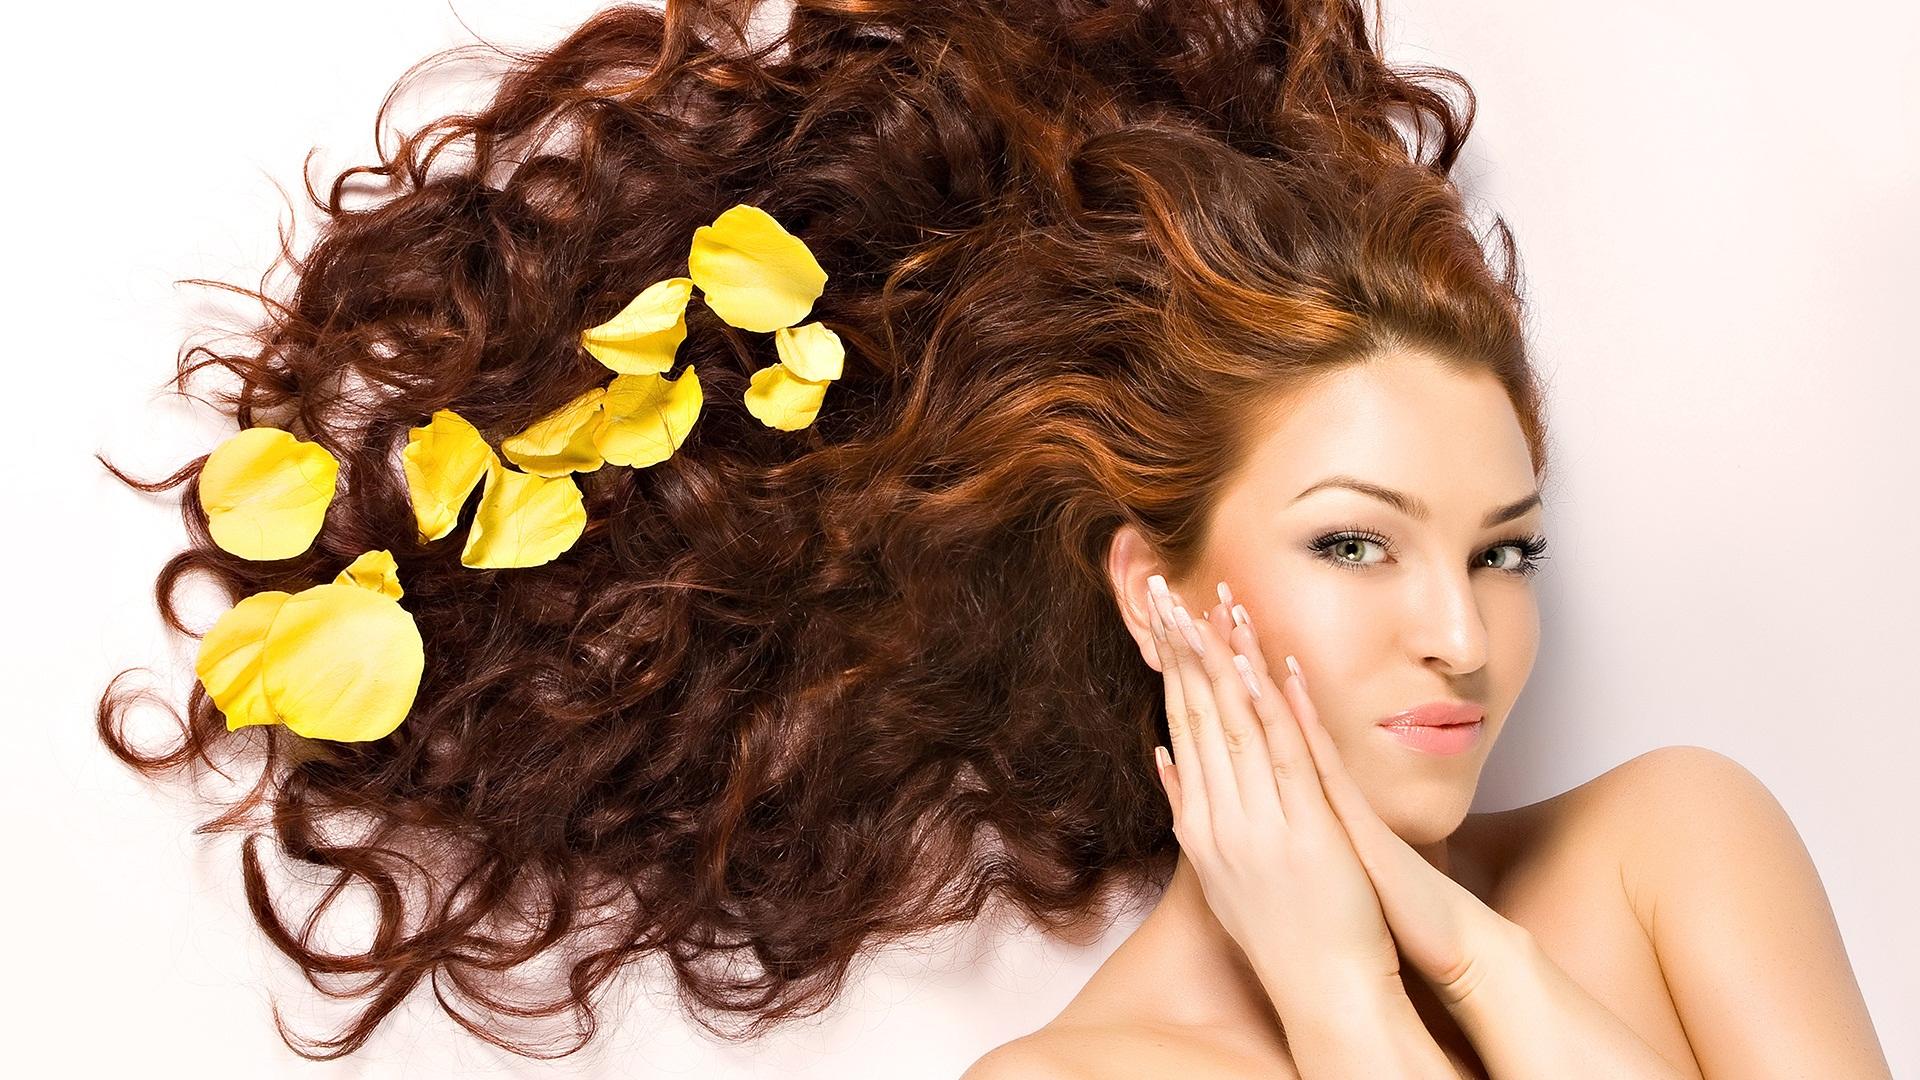 Волосы. Советы по уходу за волосами и как не допустить их повреждения.docx